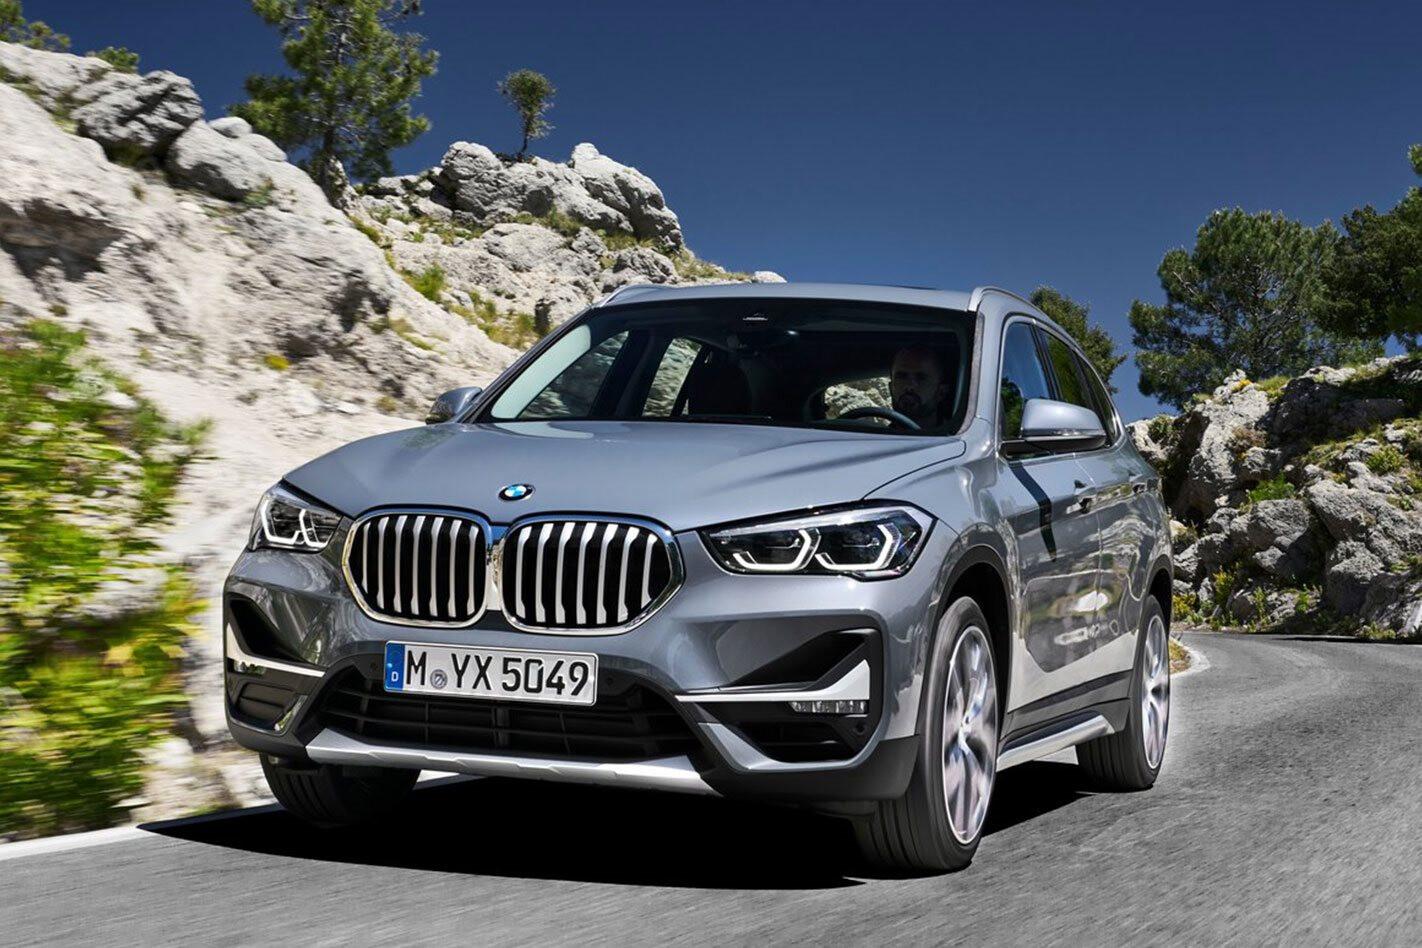 2019 BMW X1 SUV PHEV